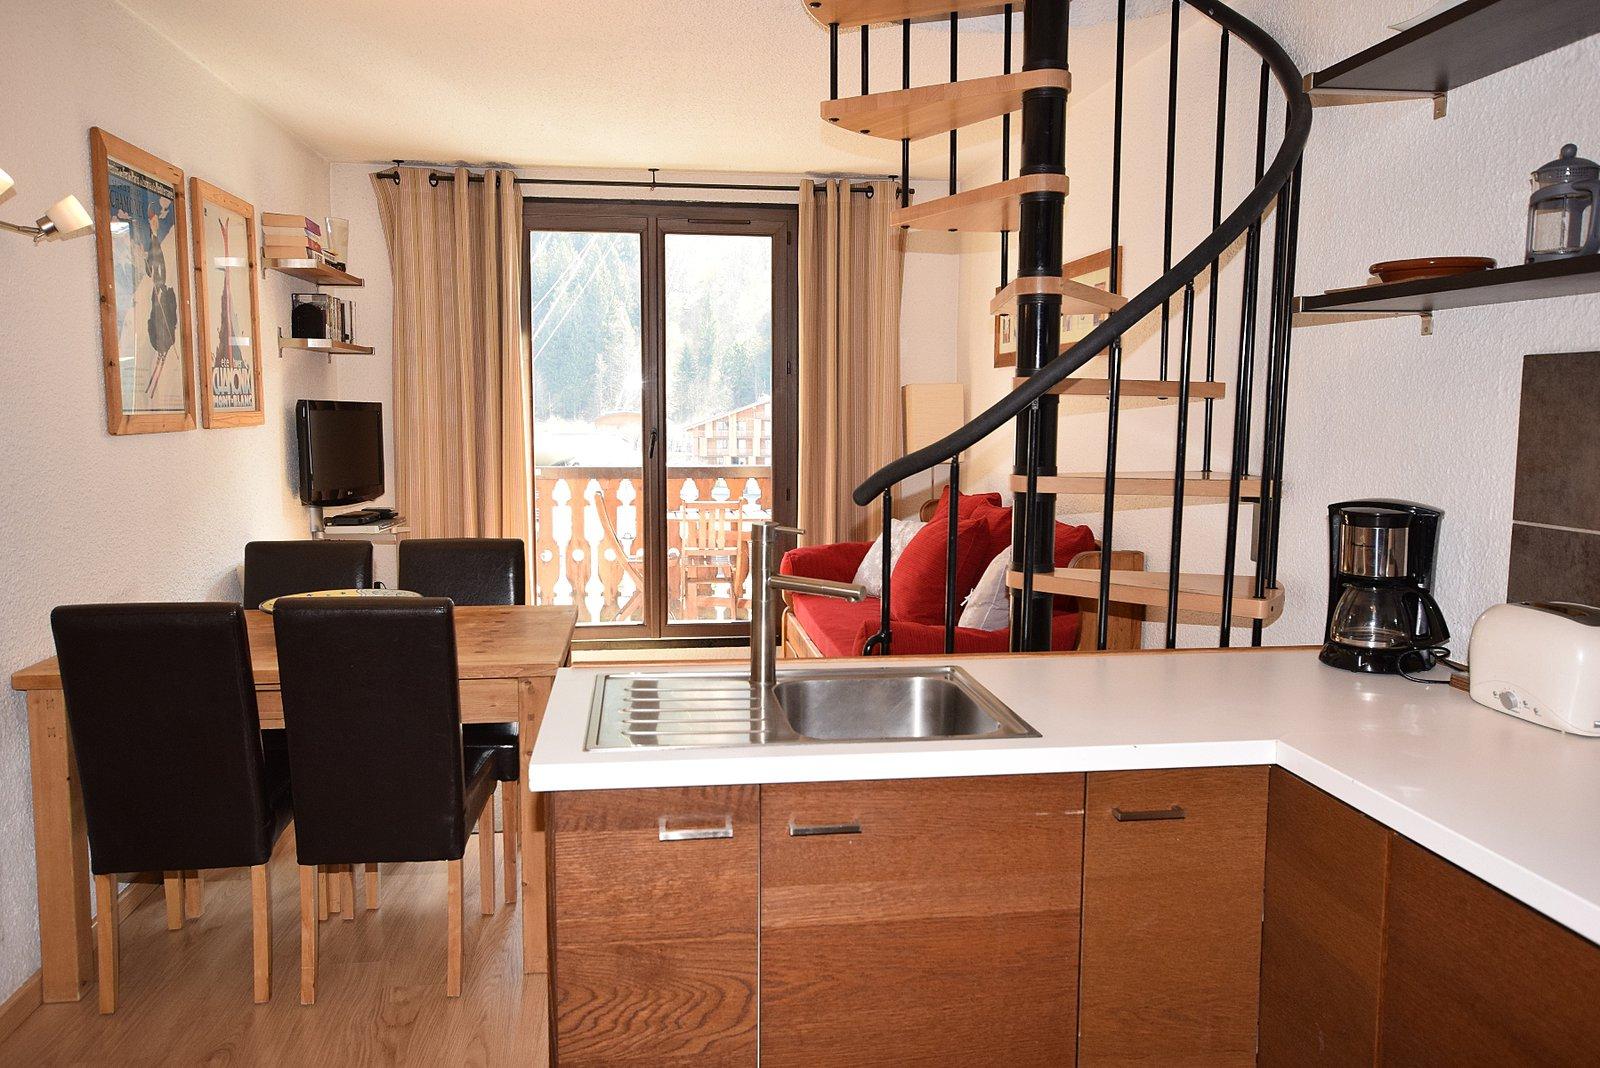 d'Aiguille Seasonal Apartment, Chamonix: Winter Let